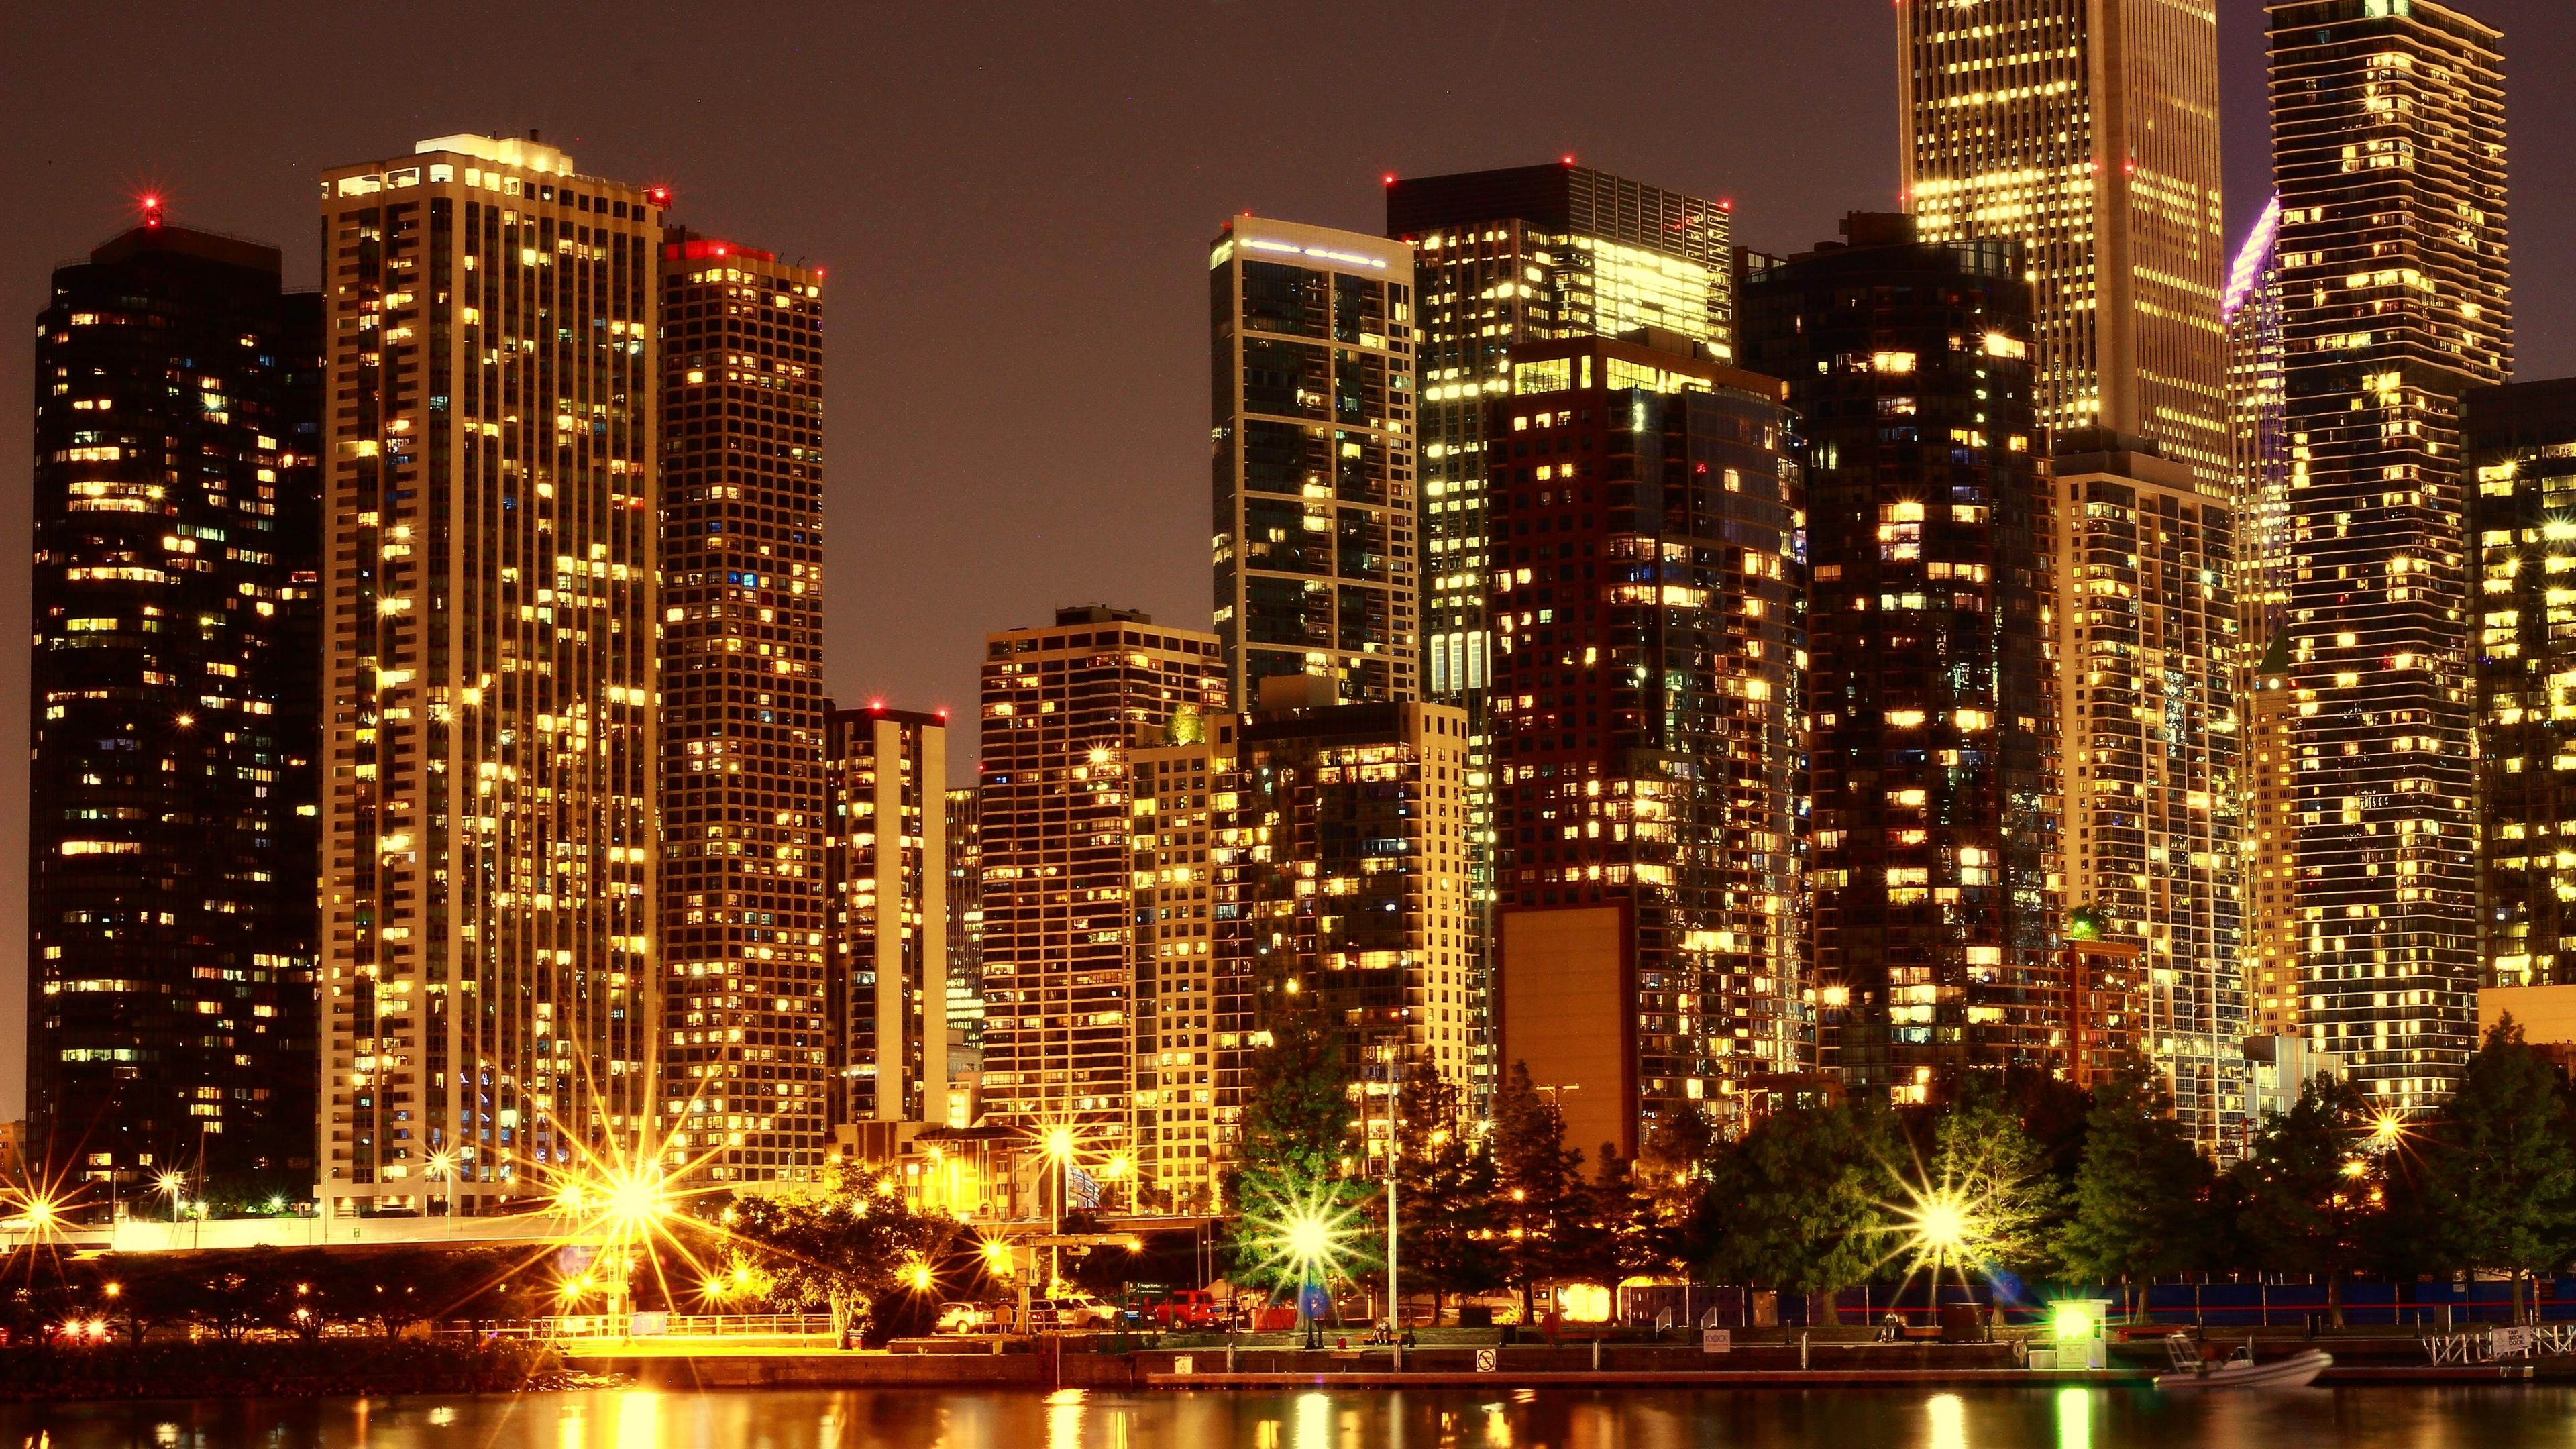 Картинки ночного небоскреба, ретро машины